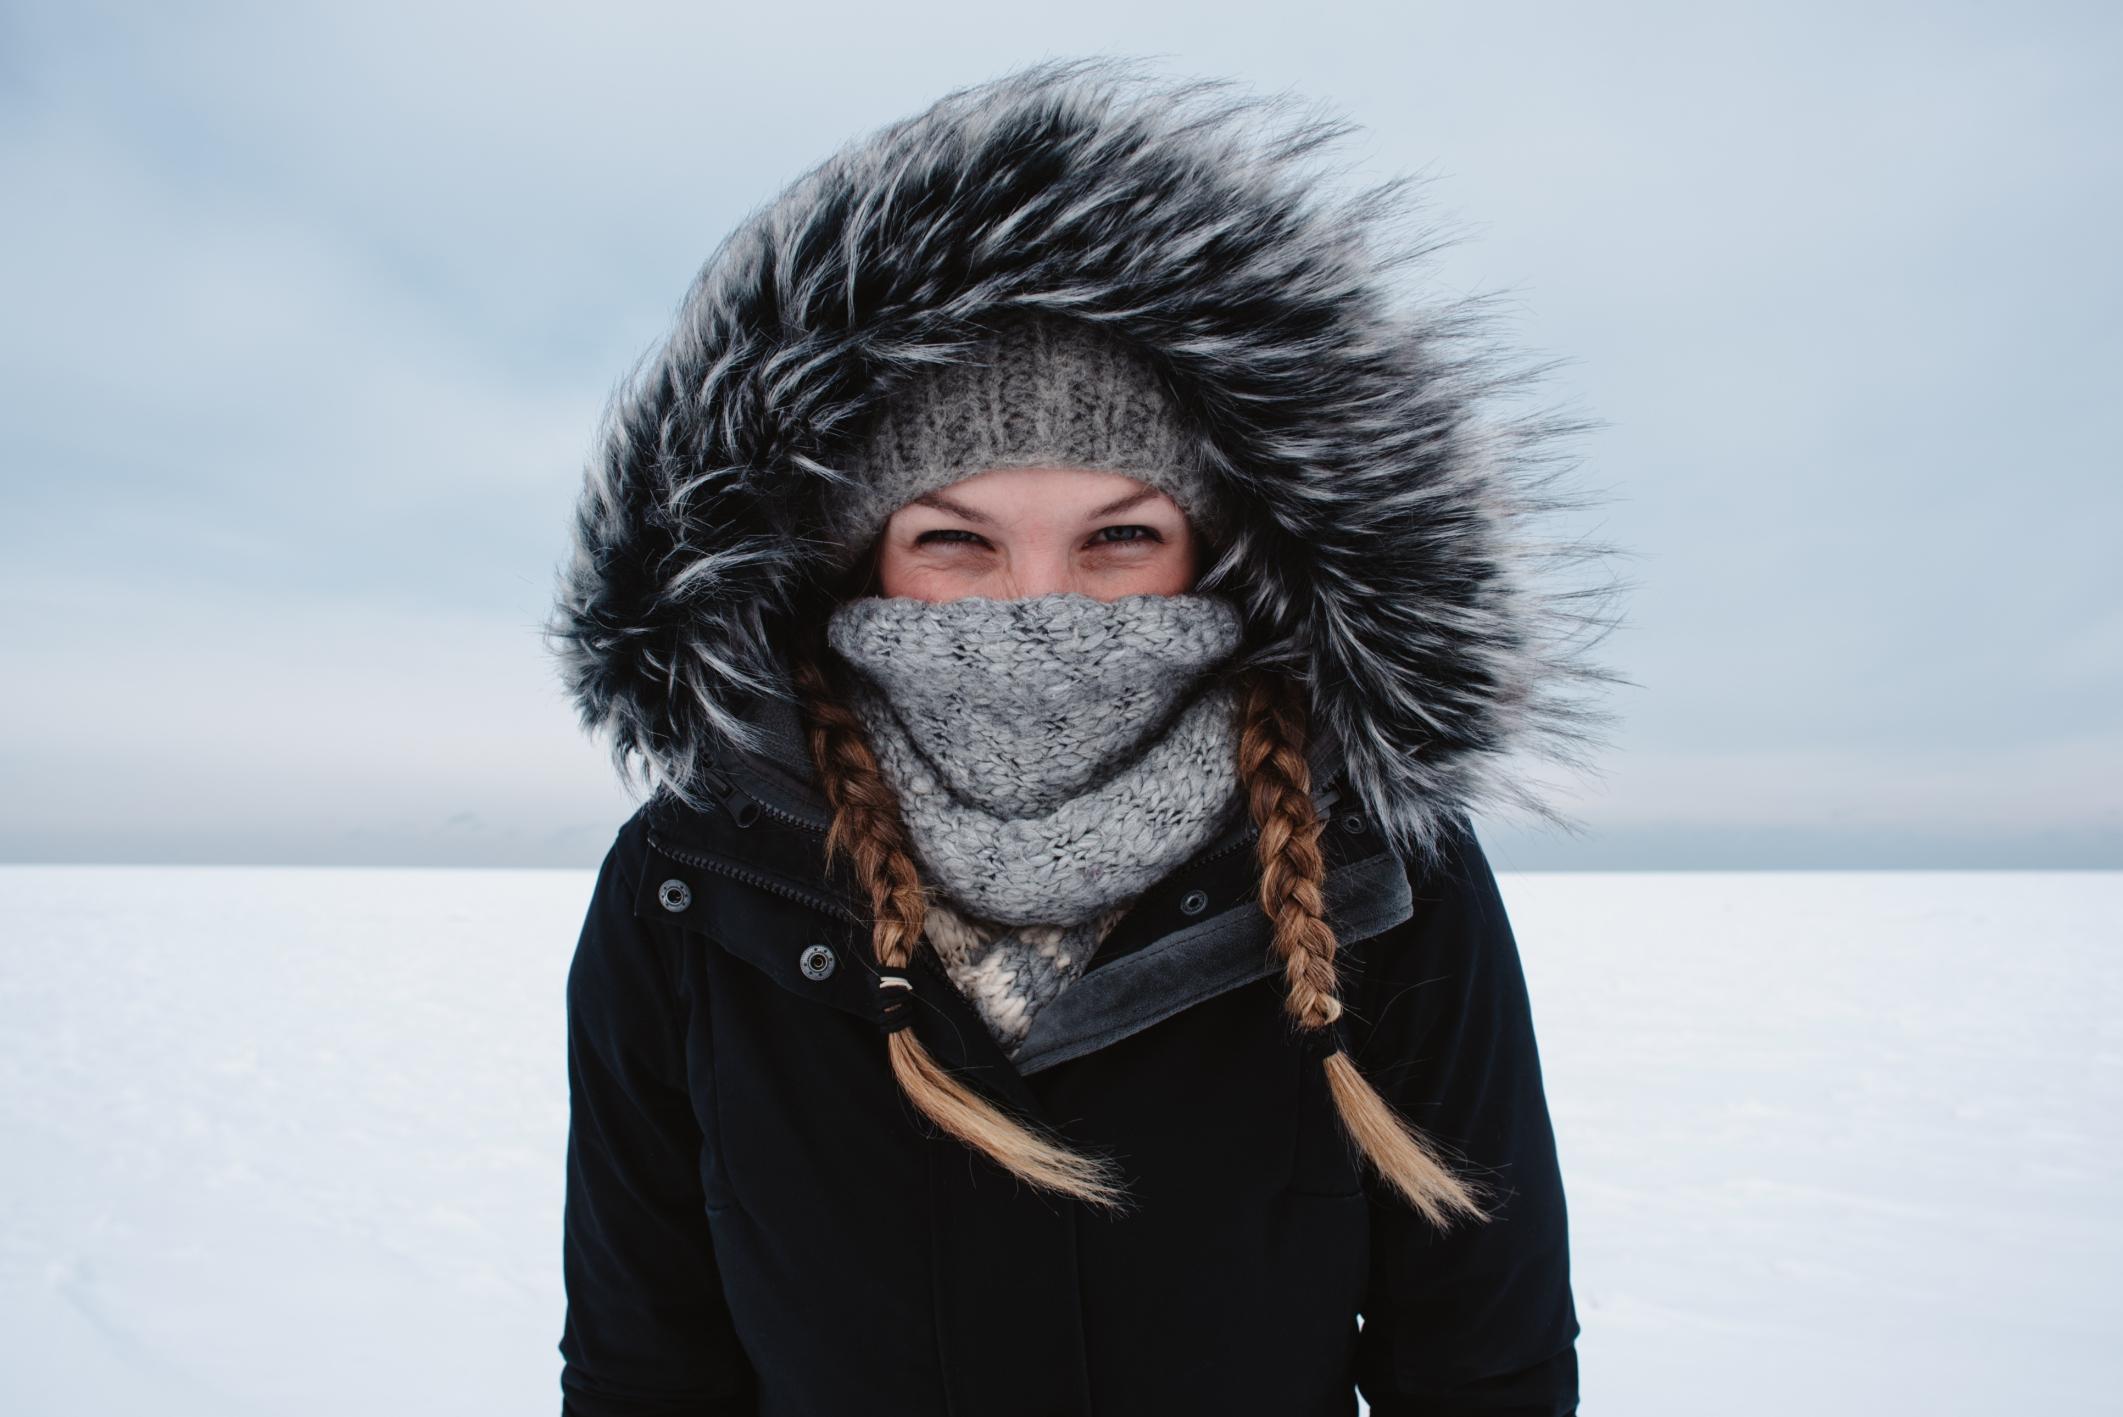 Замерзли на прогулке? Согреваемся!